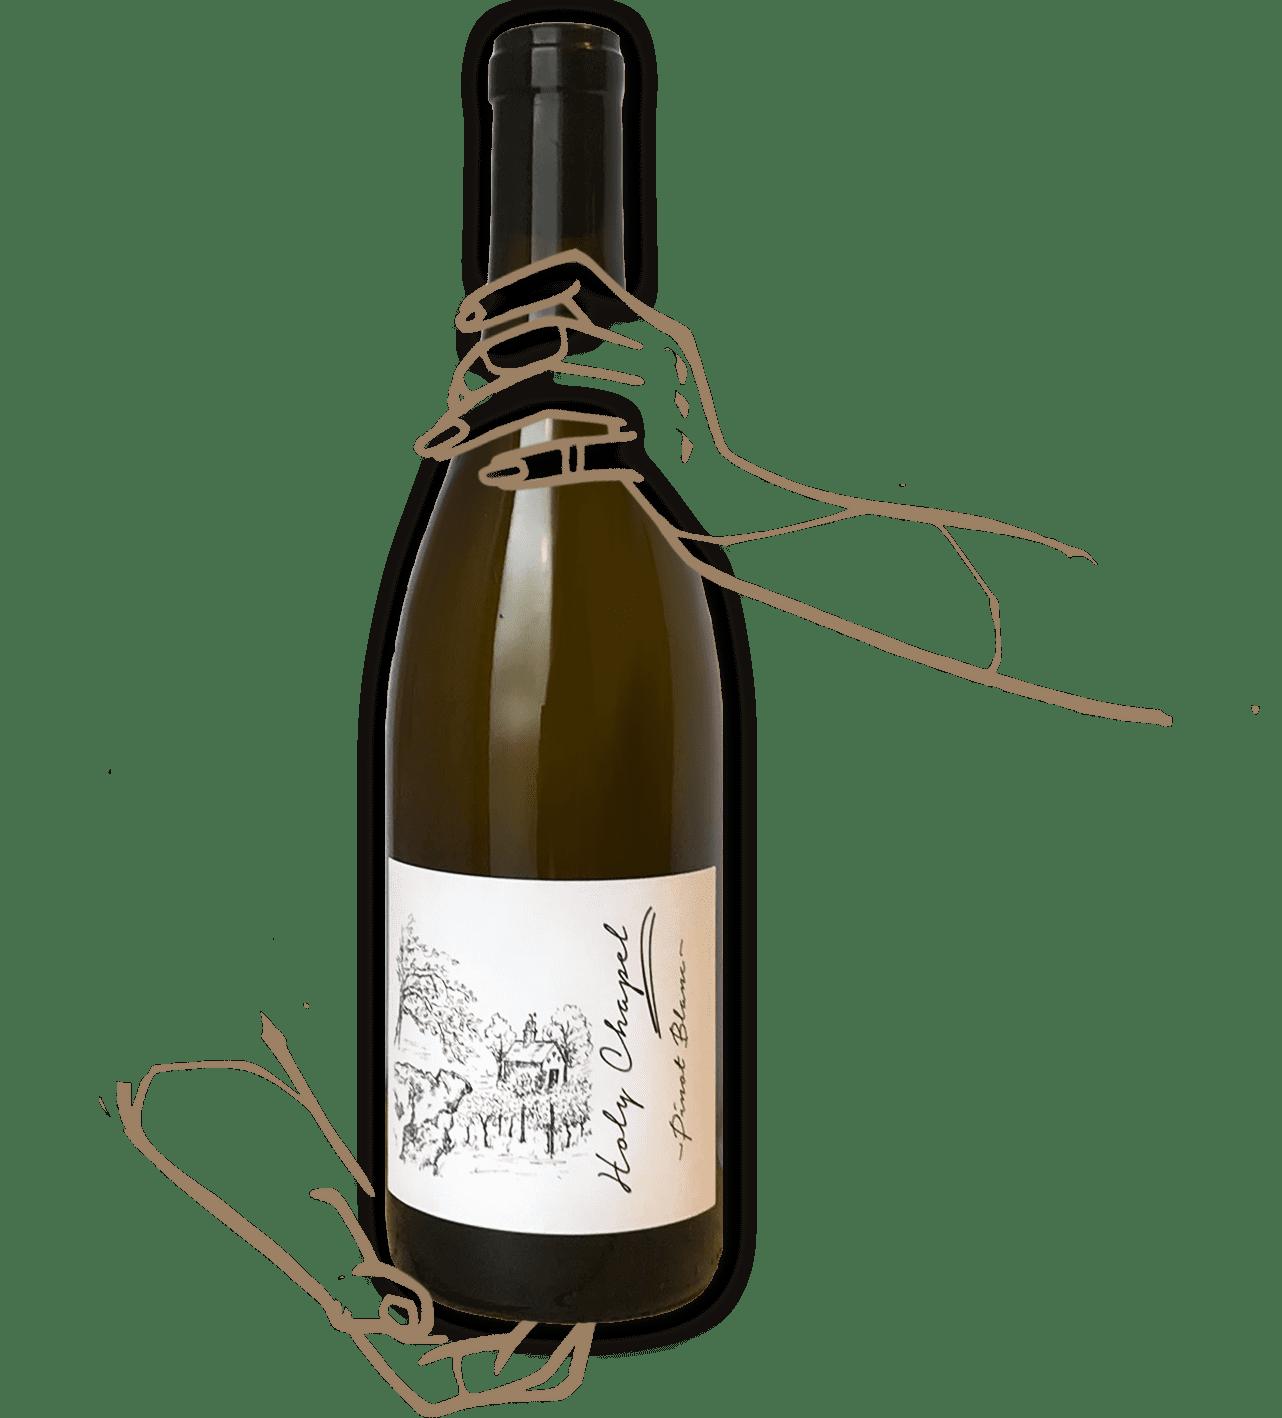 Holy Chapel du domaine Brandbros est un vin naturel d'allemagne